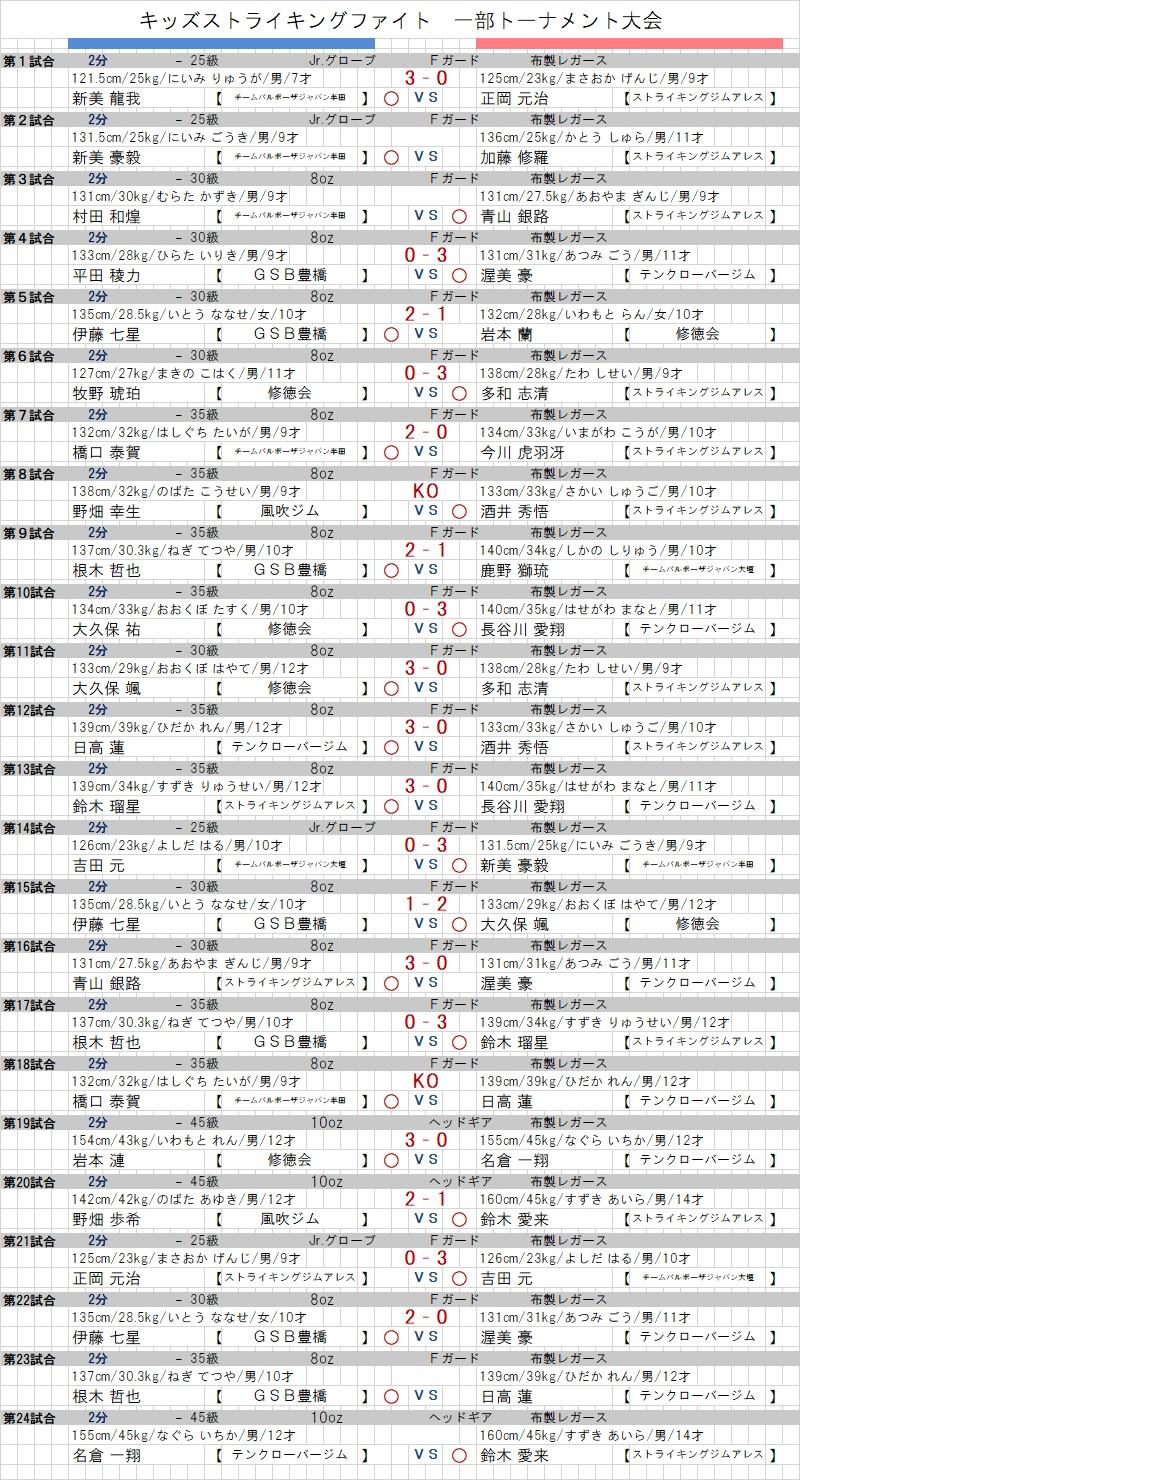 0930 キッズストライキングファイト トーナメント 結果